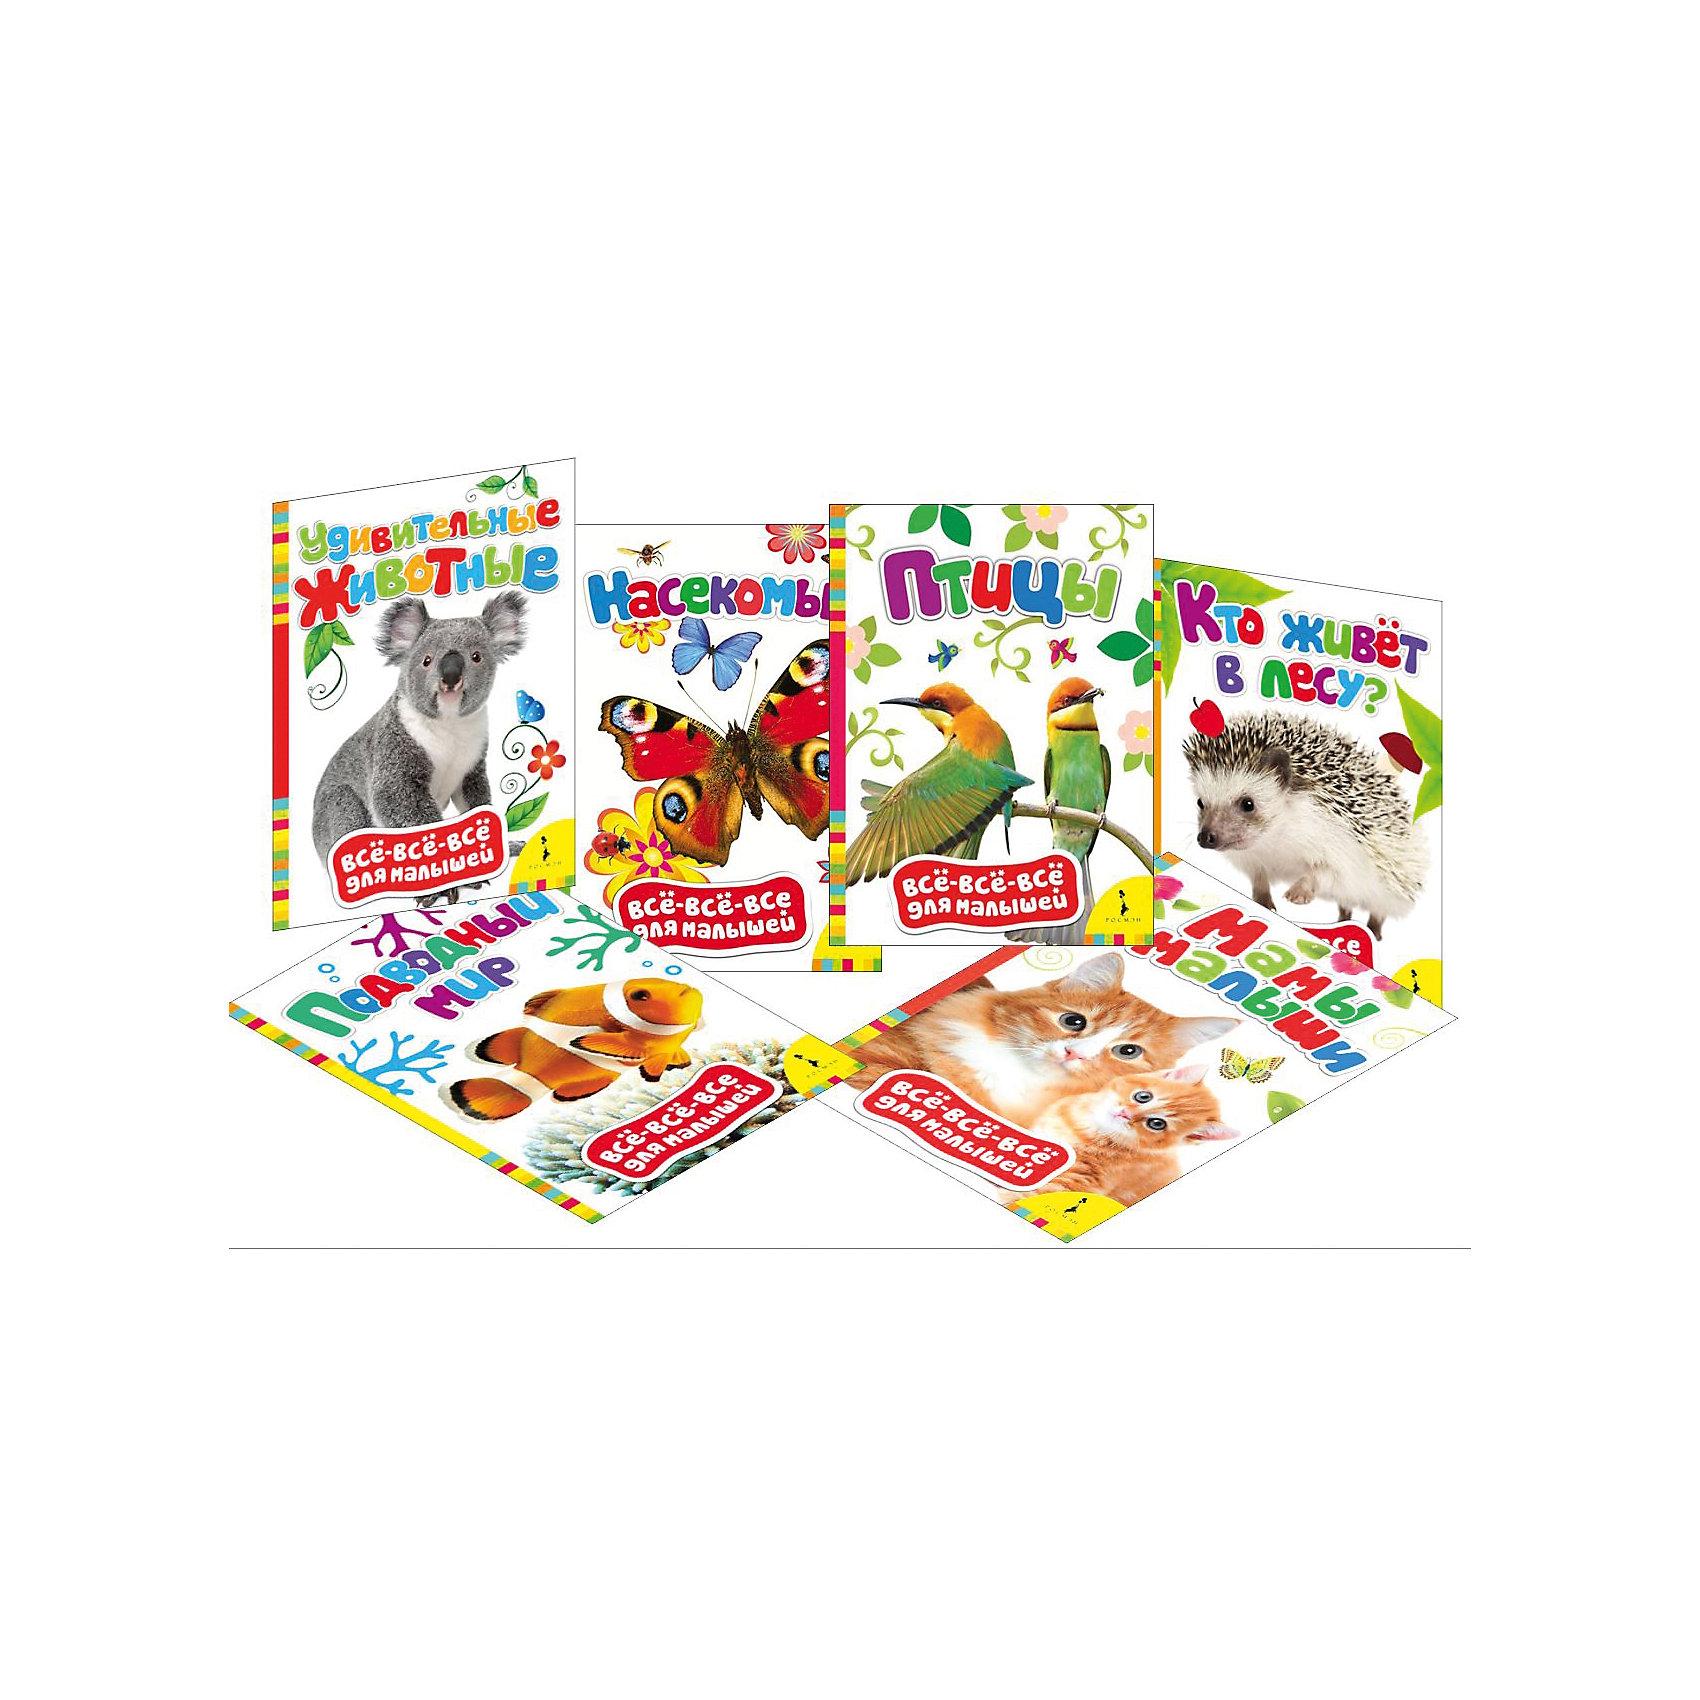 Комплект 6 обучающих книг о животныхКомплект 6 обучающих книги о животных ? это картонные книги-игрушки, выпущенные отечественным издательством Росмэн.  Комплект серии Все-все-все для малышей<br>состоит из шести книг Кто живет в лесу?, Мамы и малыши, Насекомые, Подводный мир, Птицы и Удивительные животные. Объем каждой книжки составляет 8 страниц. Книги знакомят самых маленьких с животными и особенностями их жизни. Яркие красочные фотографии и иллюстрации сопровождаются подписями, к каждой картинке имеются простые задания, направленные на развитие речи и расширение кругозора ребенка.<br><br>Дополнительная информация:<br><br>- Жанр книг: книги-игрушки<br>- Предназначение: для дома, для детских садов<br>- Серия: Все-все-все для малышей<br>- Материал: картонные книжки<br>- Комплектация: 6 книжек ? Кто живет в лесу?, Мамы и малыши, Насекомые, Подводный мир, Птицы и Удивительные животные<br>- Размер (Д*Ш*В): 22*16*2,3 см<br><br>Подробнее:<br><br>• Для детей в возрасте: от 0 месяцев <br>• Издательство: Росмэн<br>• Страна производитель: Россия<br><br>Комплект 6 обучающих книг о животных можно купить в нашем интернет-магазине.<br><br>Ширина мм: 220<br>Глубина мм: 160<br>Высота мм: 23<br>Вес г: 640<br>Возраст от месяцев: 0<br>Возраст до месяцев: 36<br>Пол: Унисекс<br>Возраст: Детский<br>SKU: 4870288